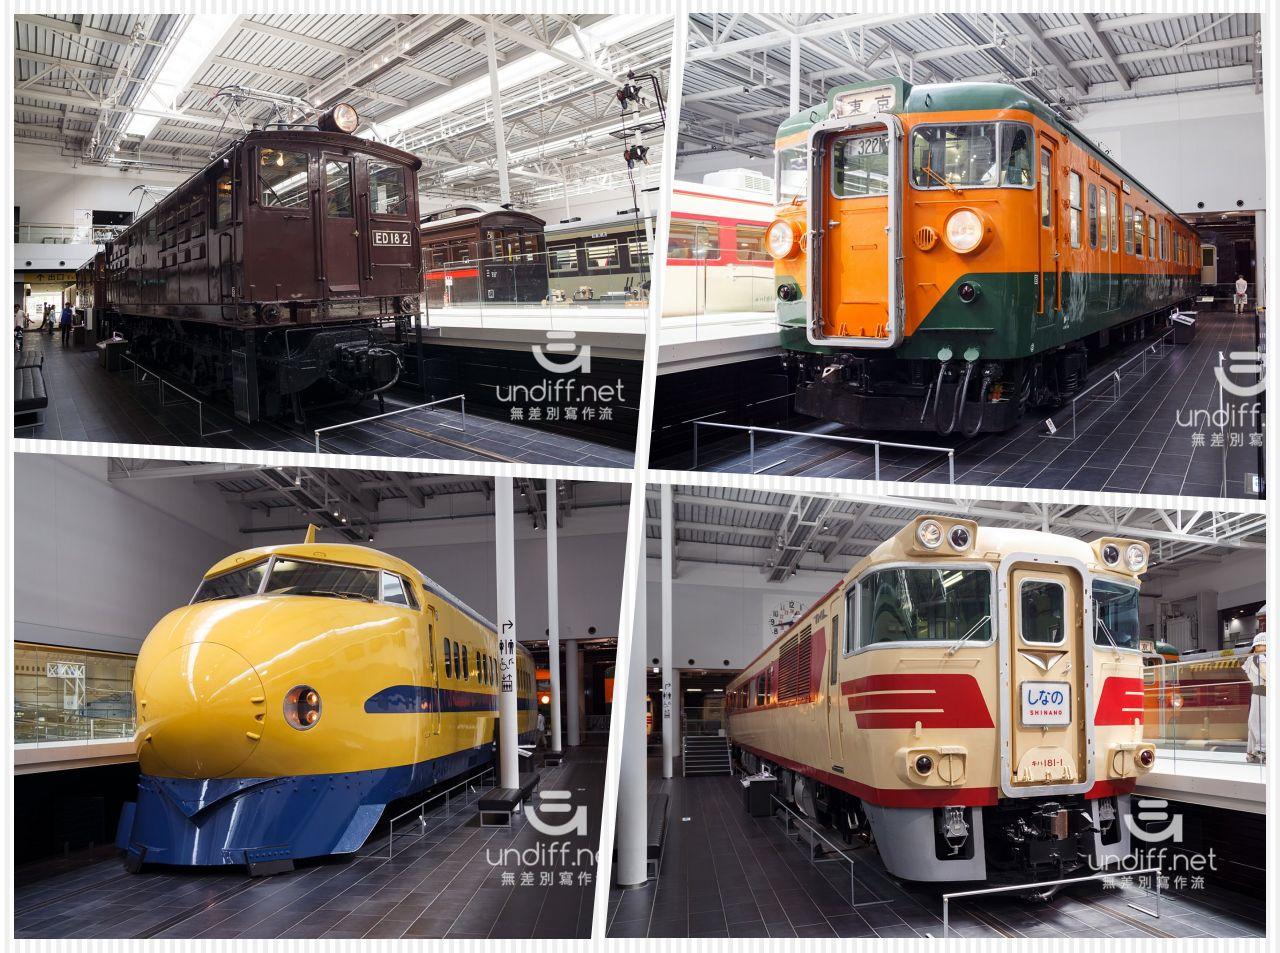 【名古屋景點】JR磁浮鐵道館 》體驗鐵道歷史與科技進步的軌跡 24